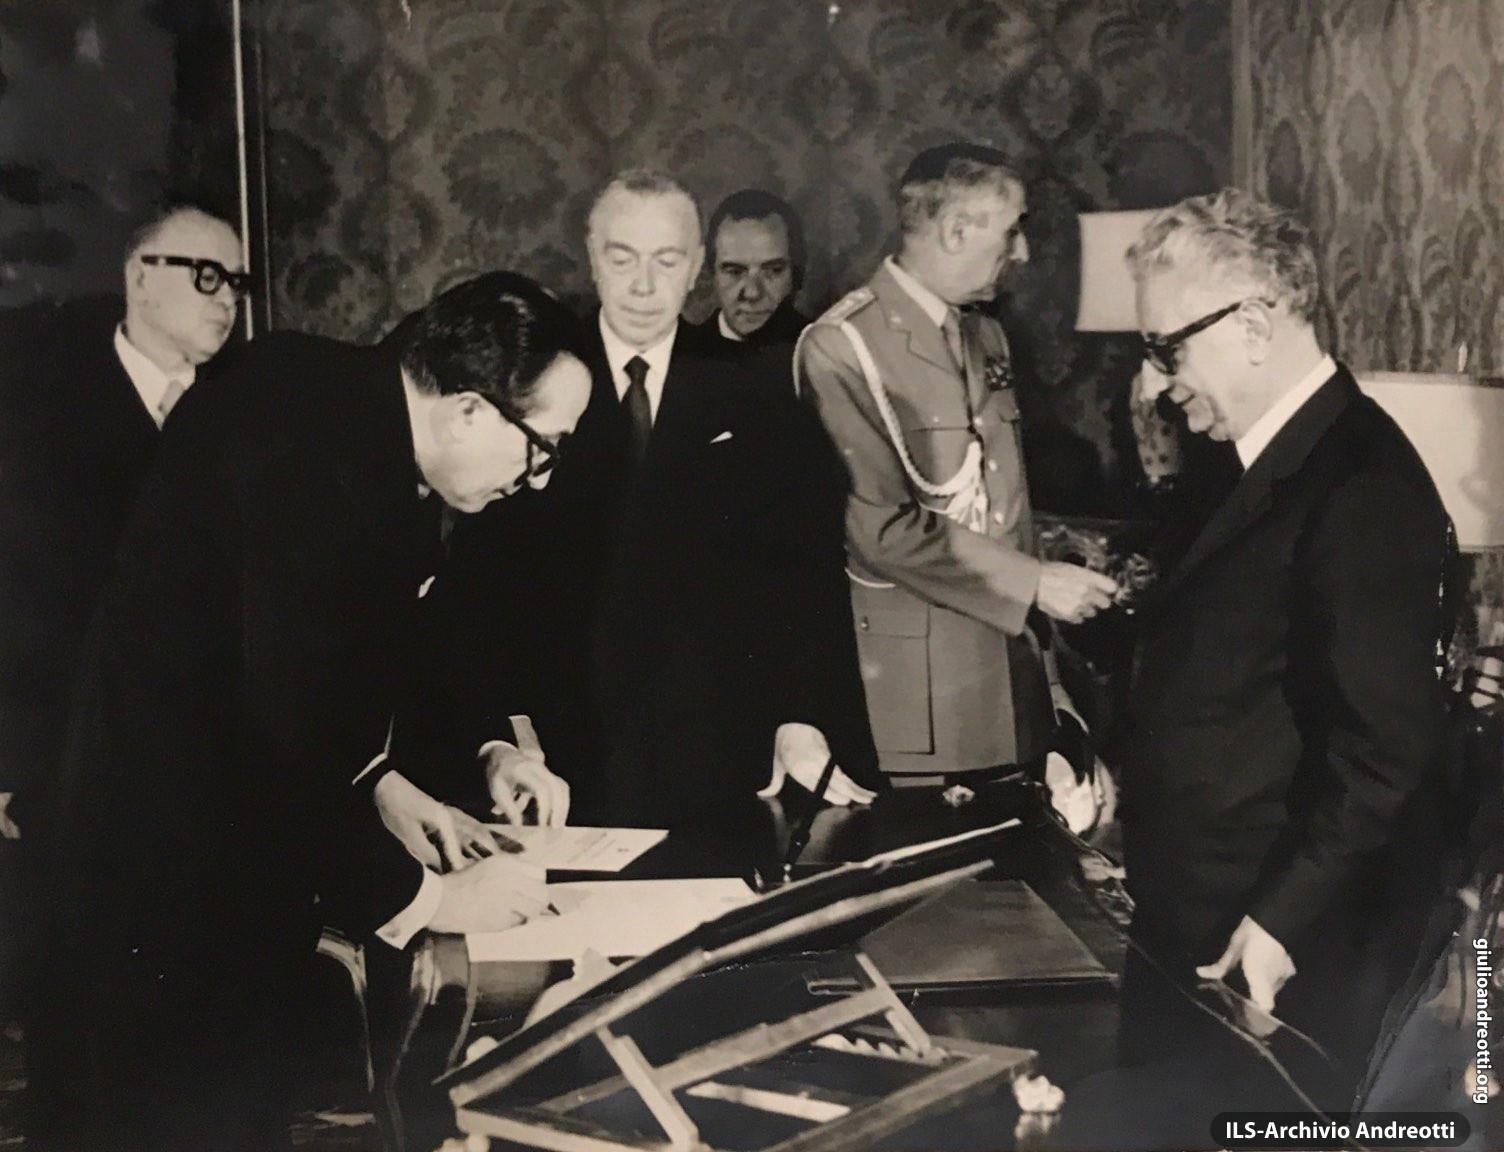 """Giugno 1972. In Quirinale, Andreotti giura davanti al Presidente della Repubblica Leone in occasione della nascita del suo secondo governo: l' """"Andreotti-Malagodi"""""""